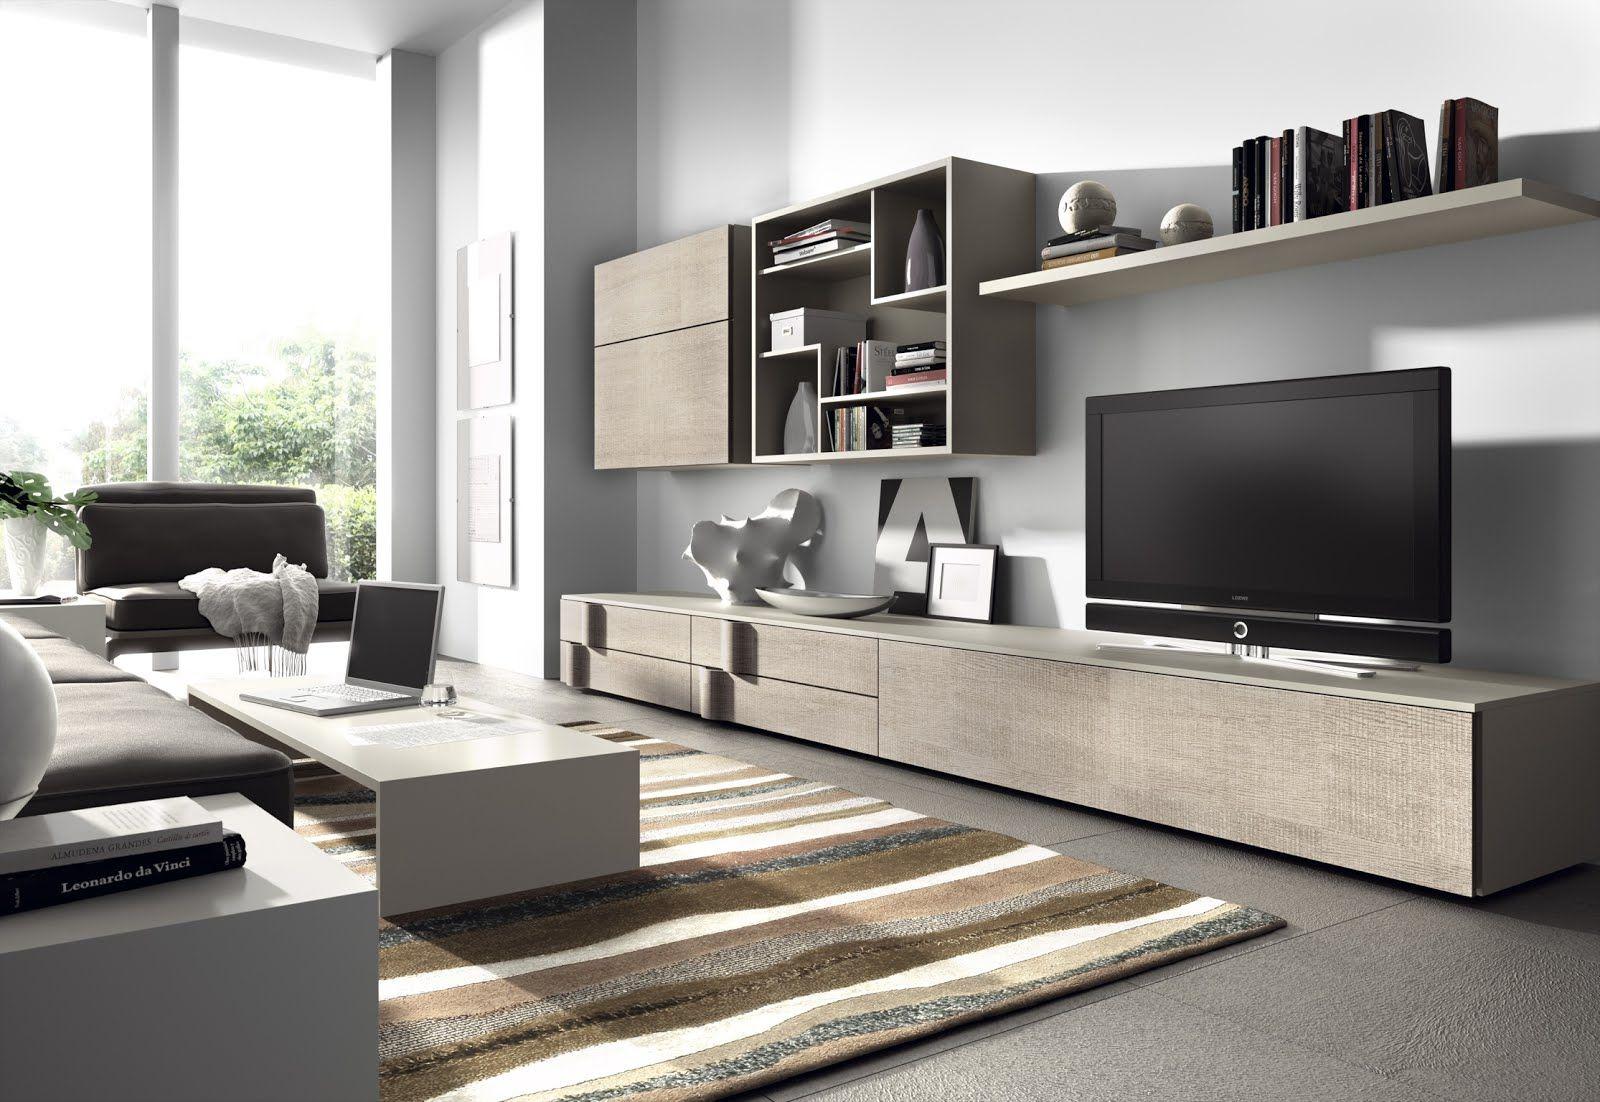 Tienda muebles modernos muebles de salon modernos salones - Salones diseno modernos ...